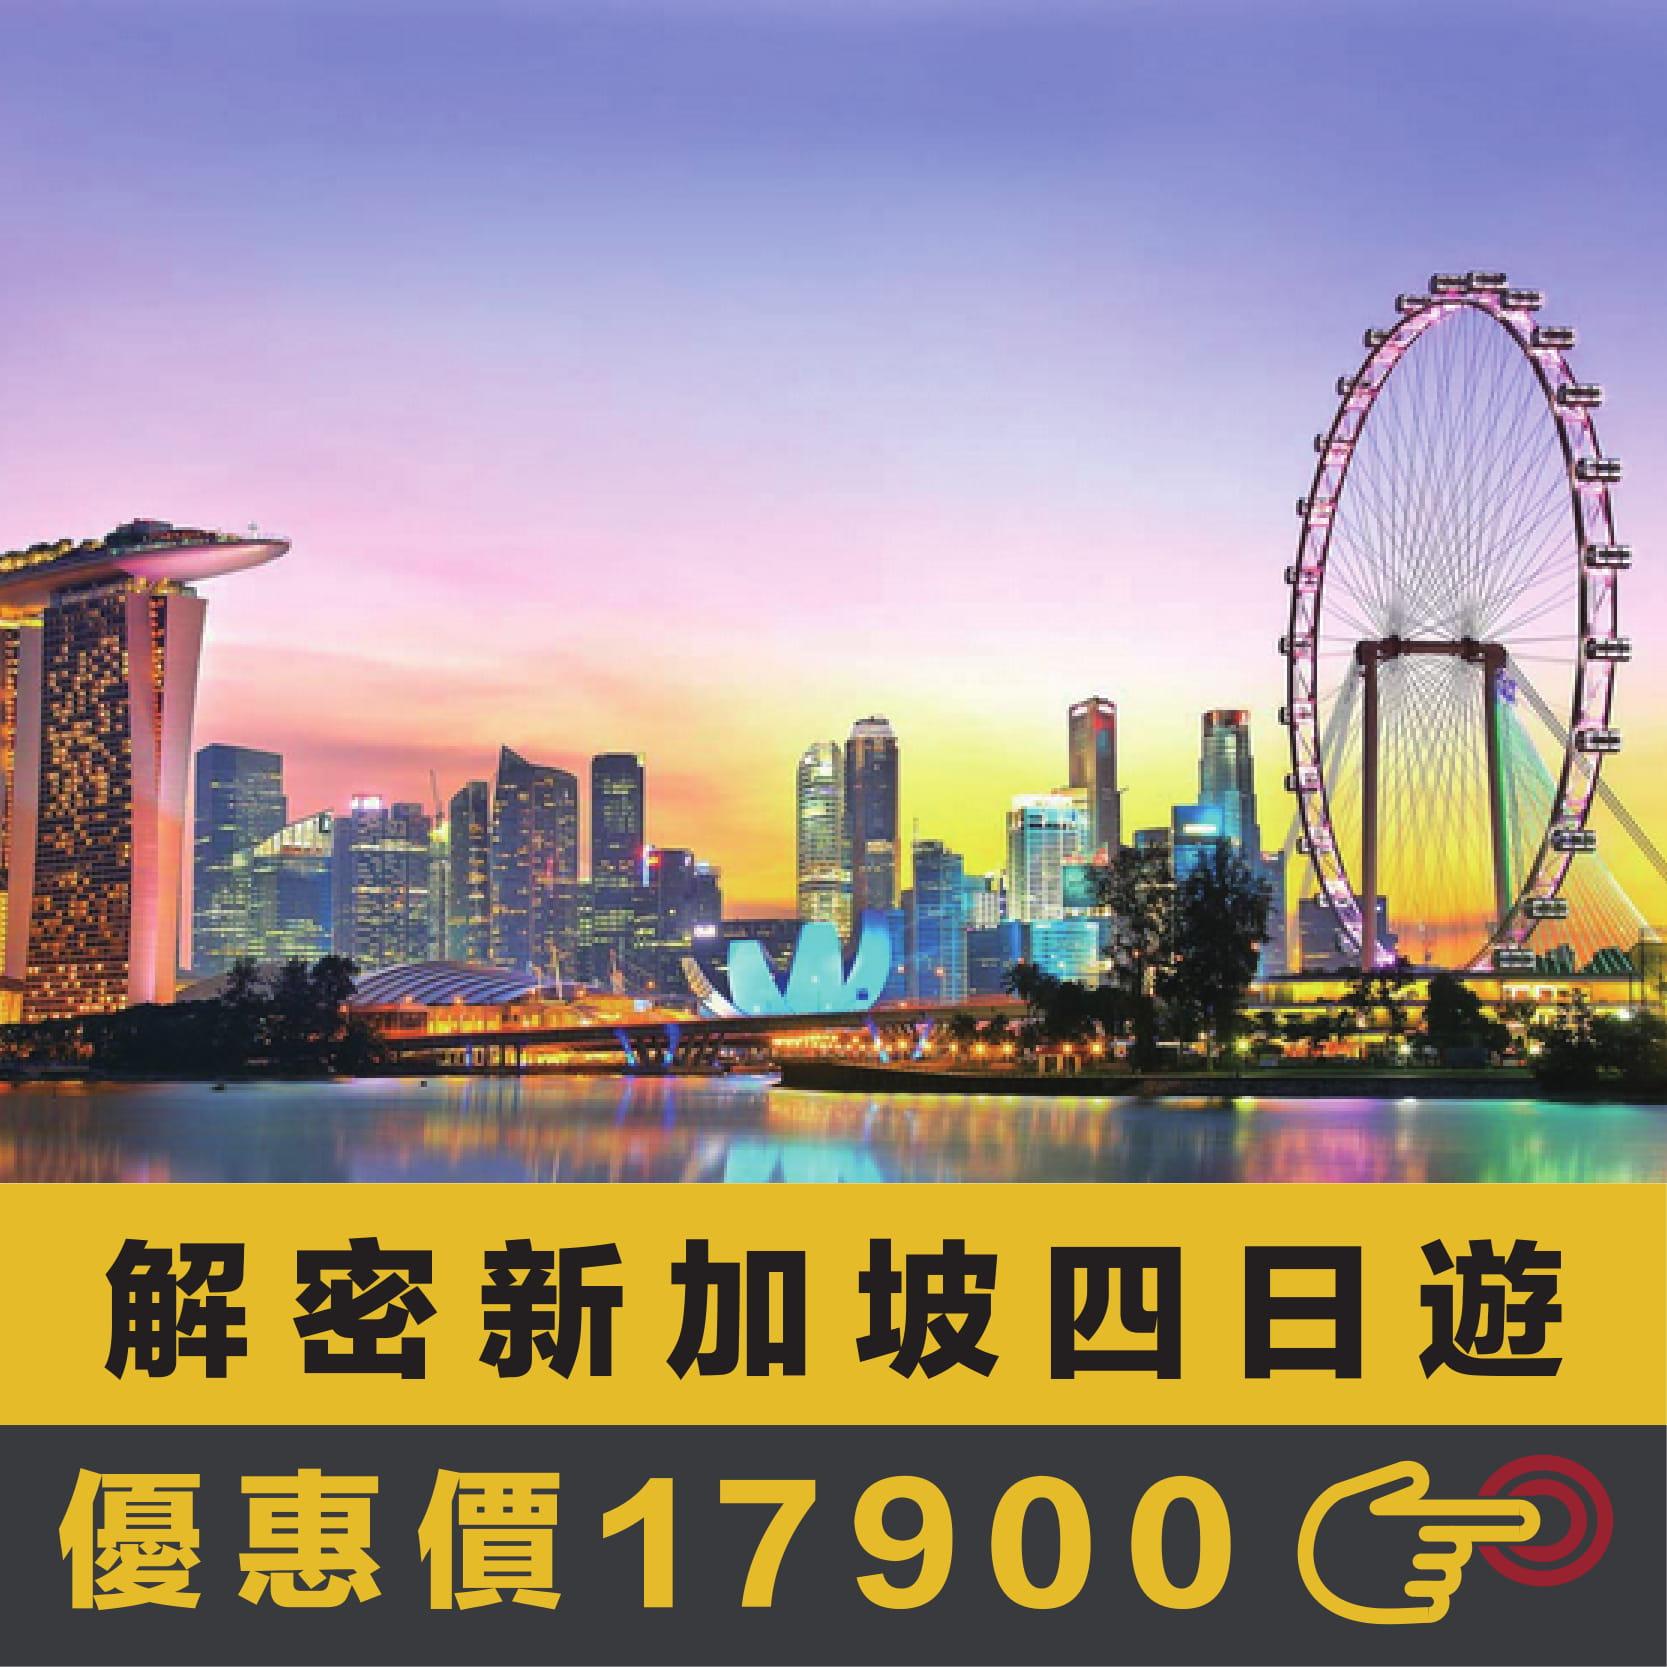 跟著柯南解密新加坡~繽紛哈芝巷、濱海灣花園、金沙娛樂城四日(含稅)